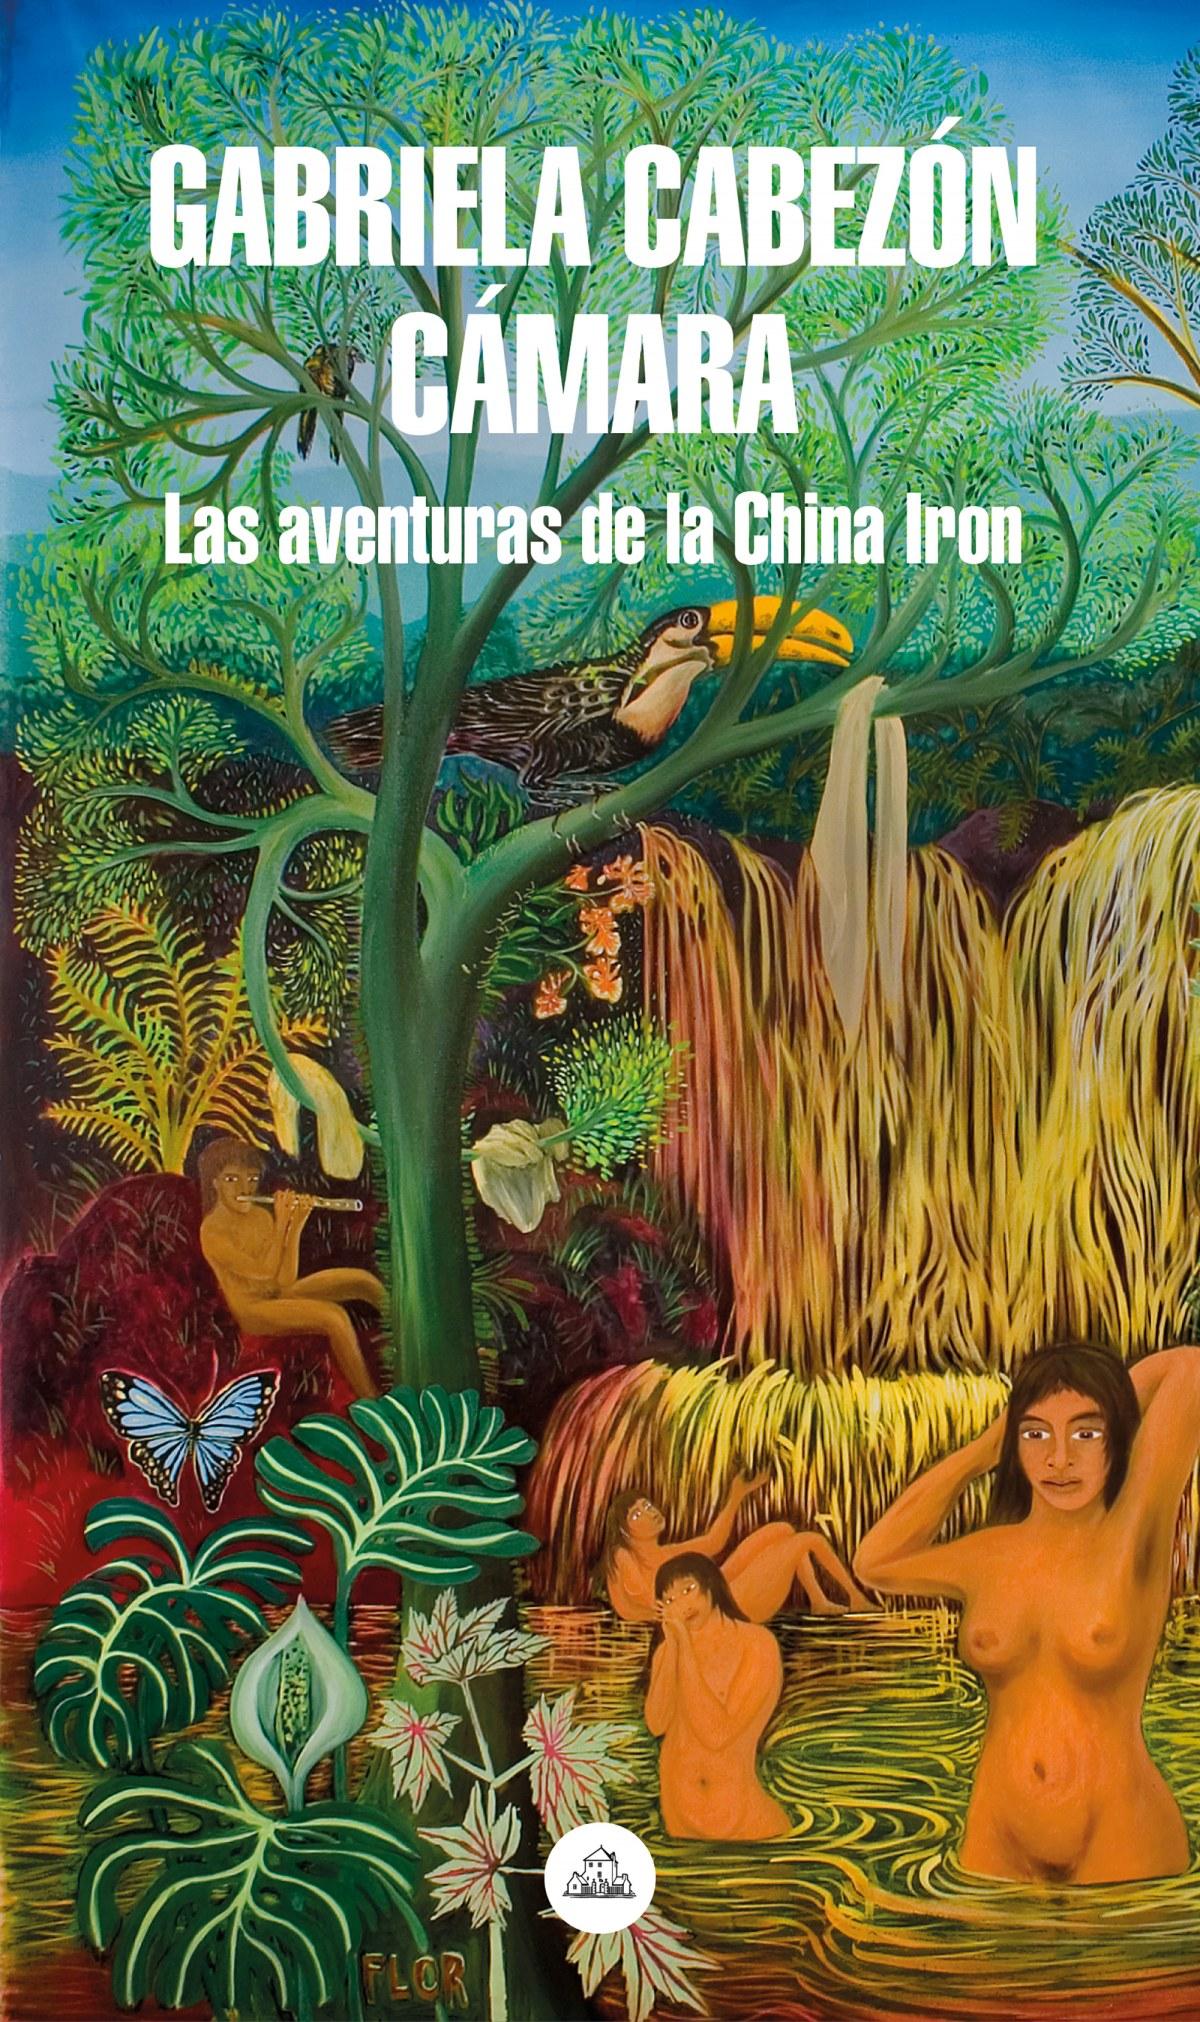 LAS AVENTURAS DE LA CHINA IRON 9788439736264